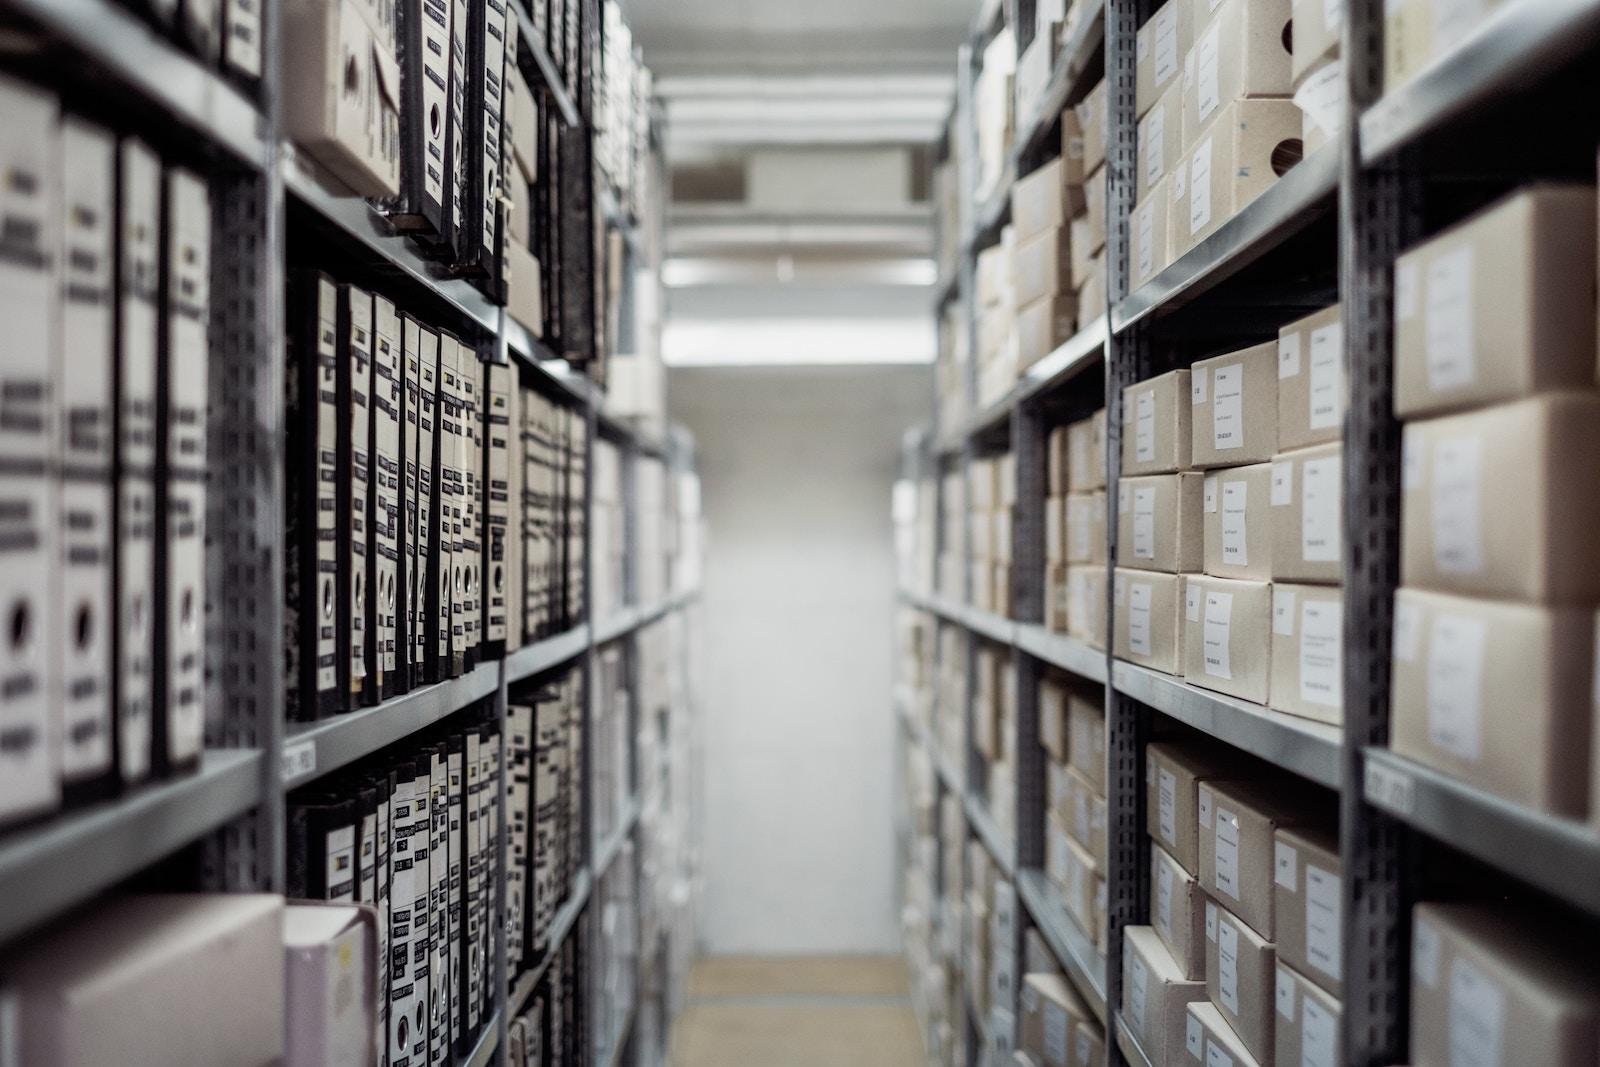 Оподаткування закордонних відправлень (так зв. «три посилки») відтерміновано до 2019 року